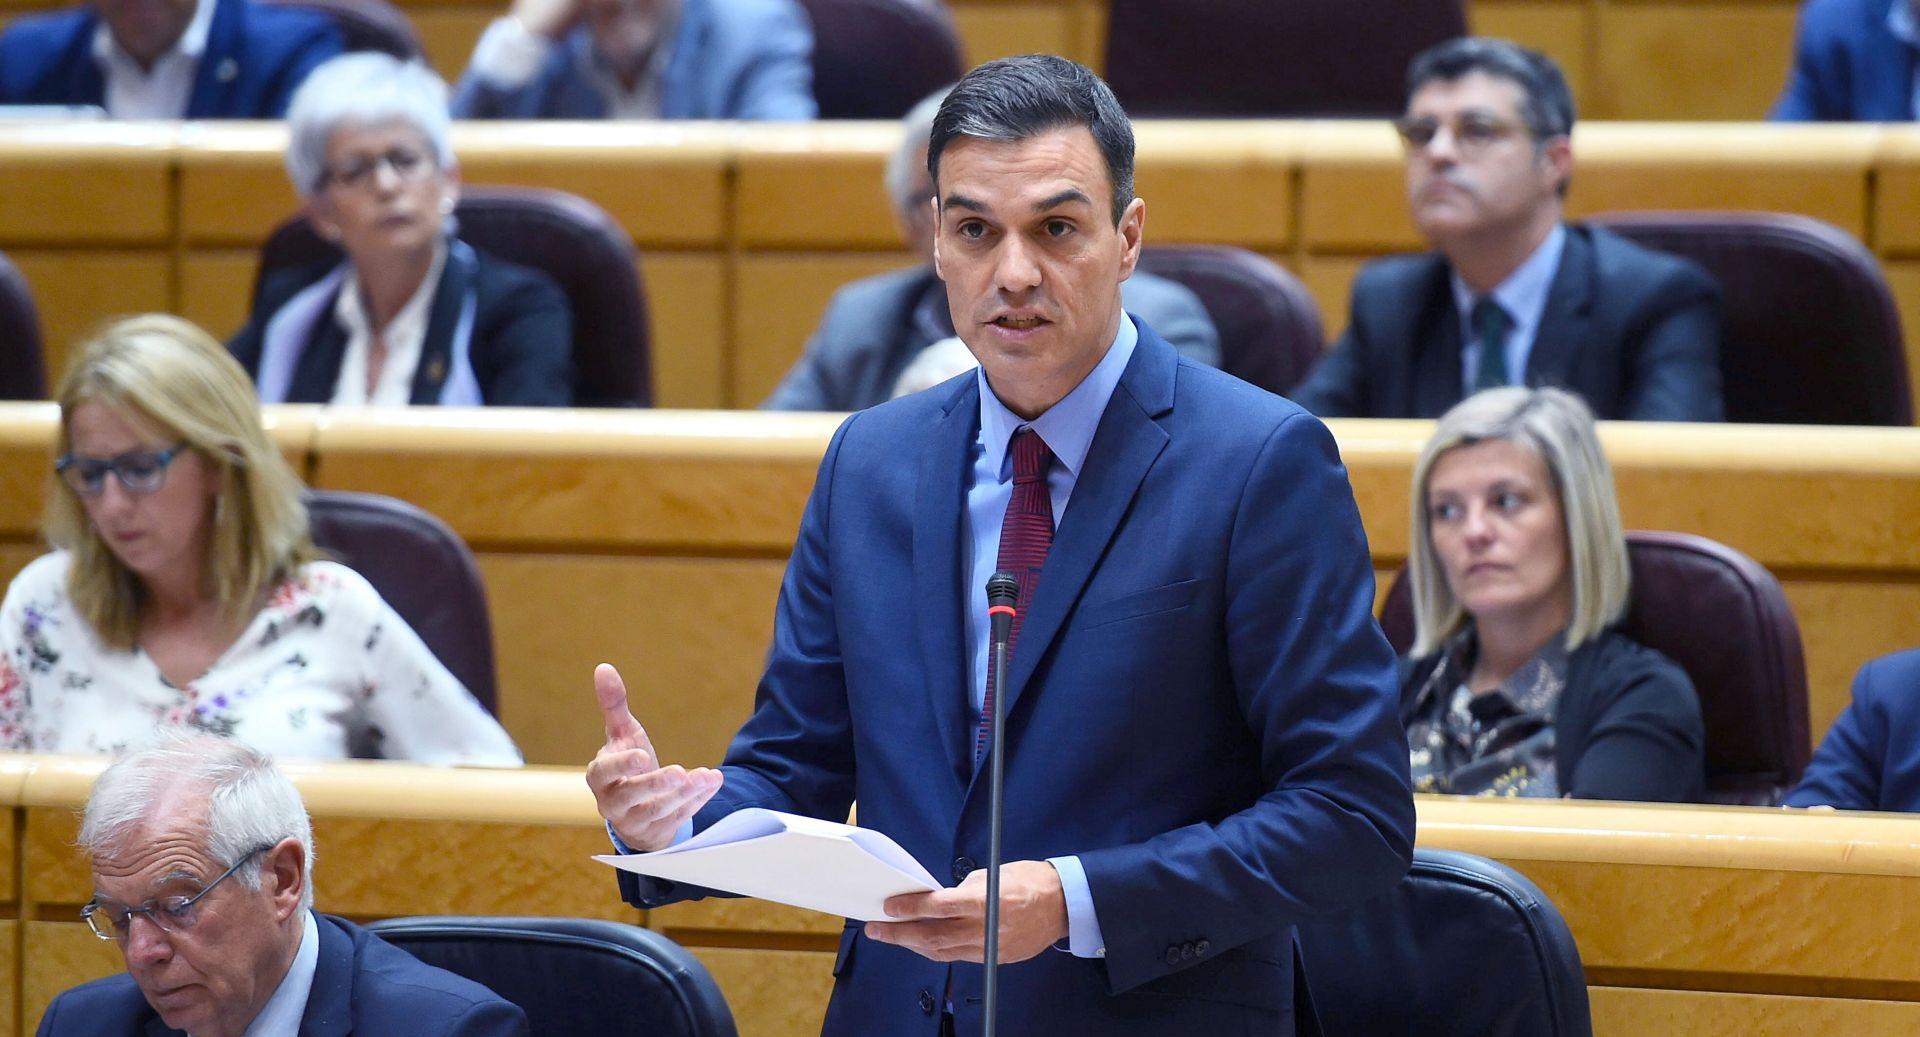 Španjolska policija spriječila atentat na premijera Sancheza